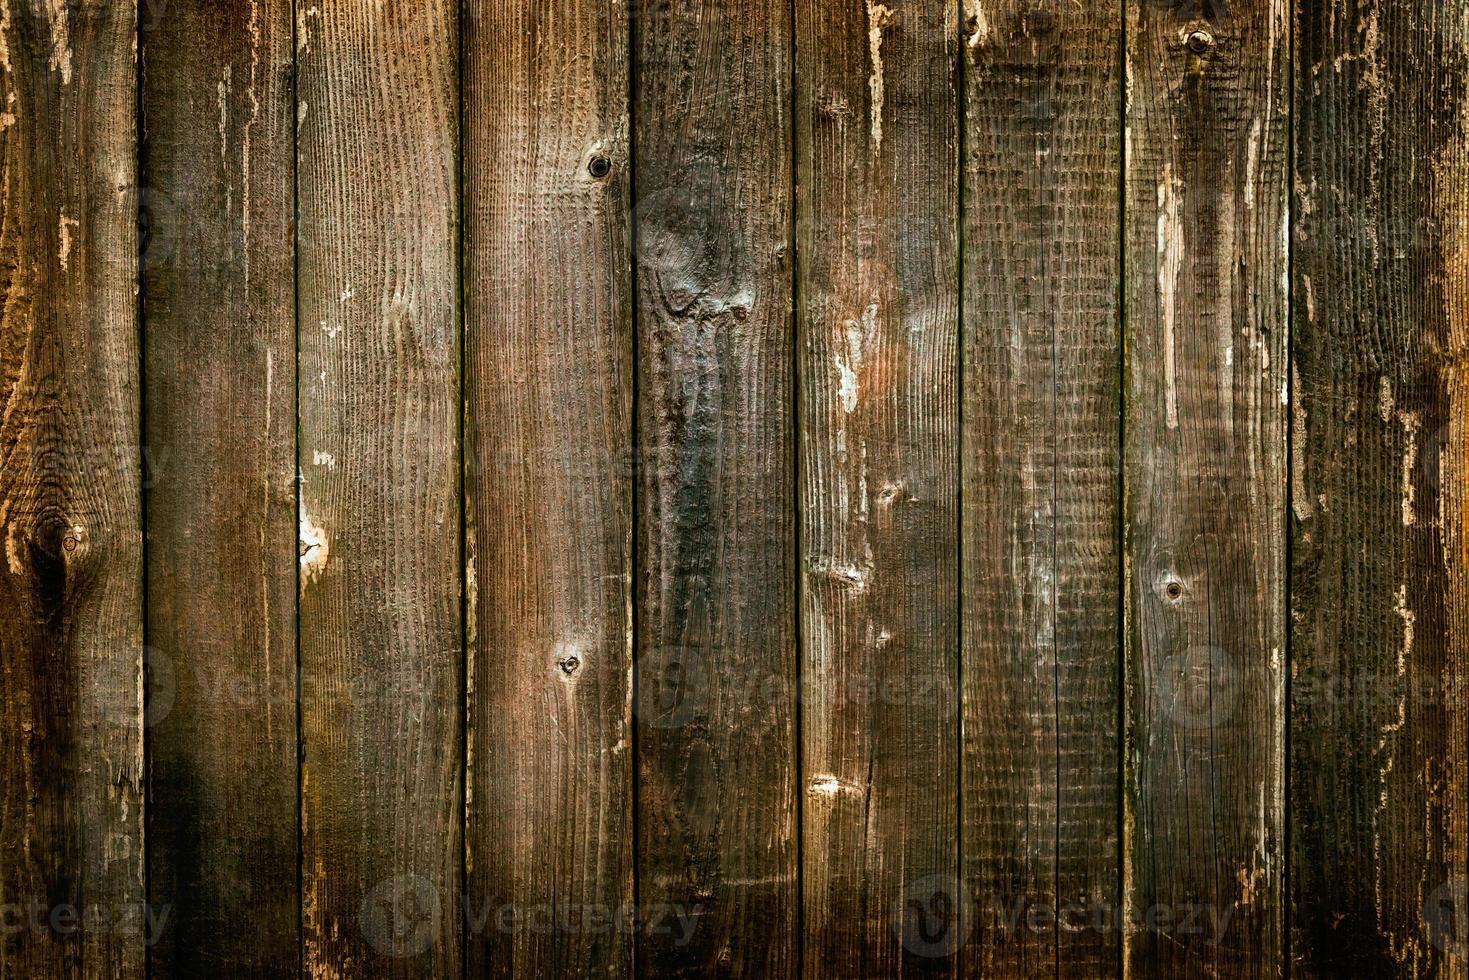 struttura di legno antica del fondo della plancia arancione foto